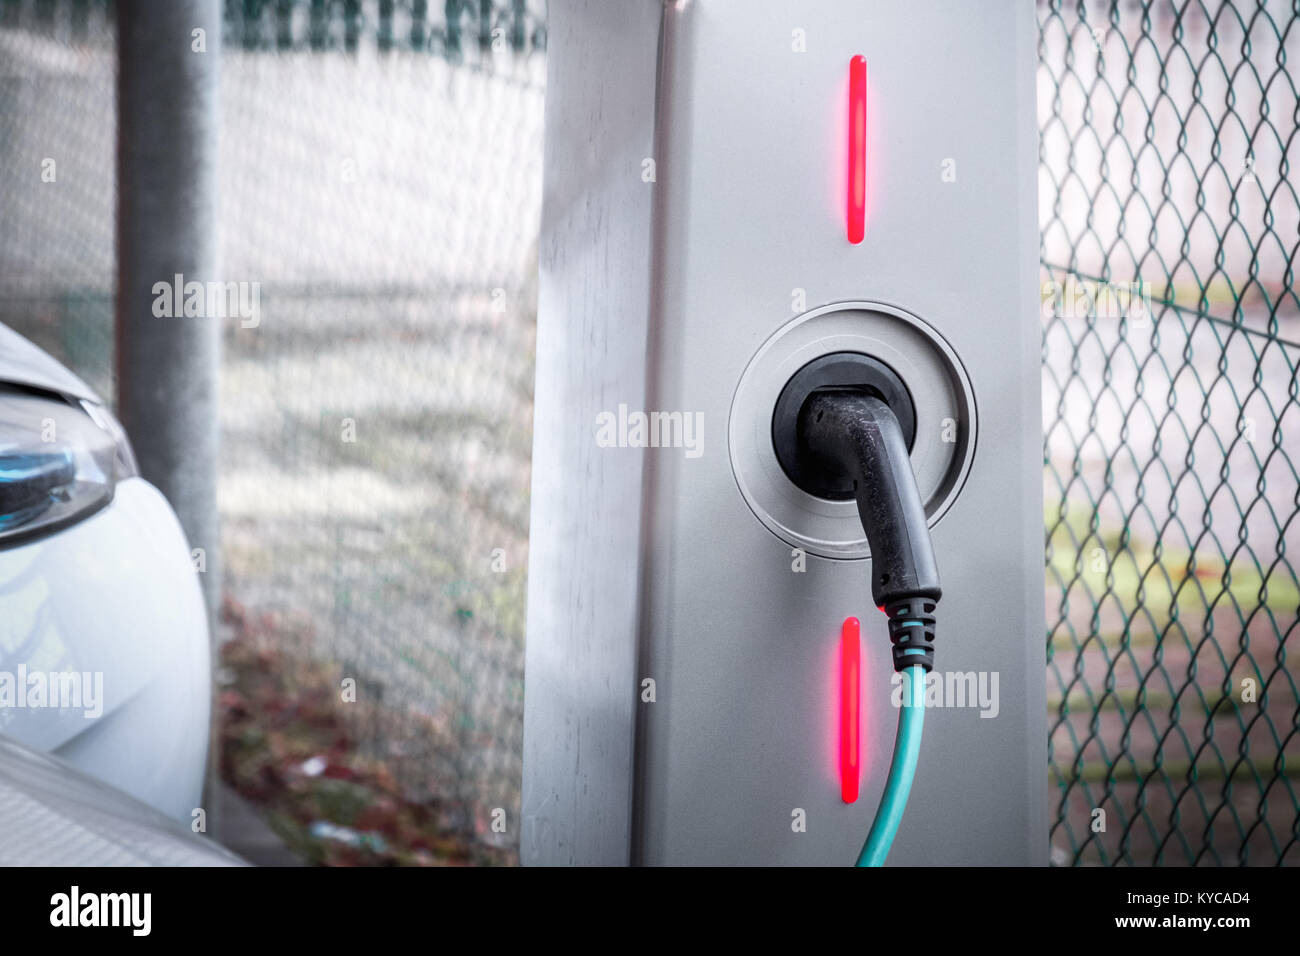 Station de charge moteur de voiture électrique de transport écologiquement durable Photo Stock